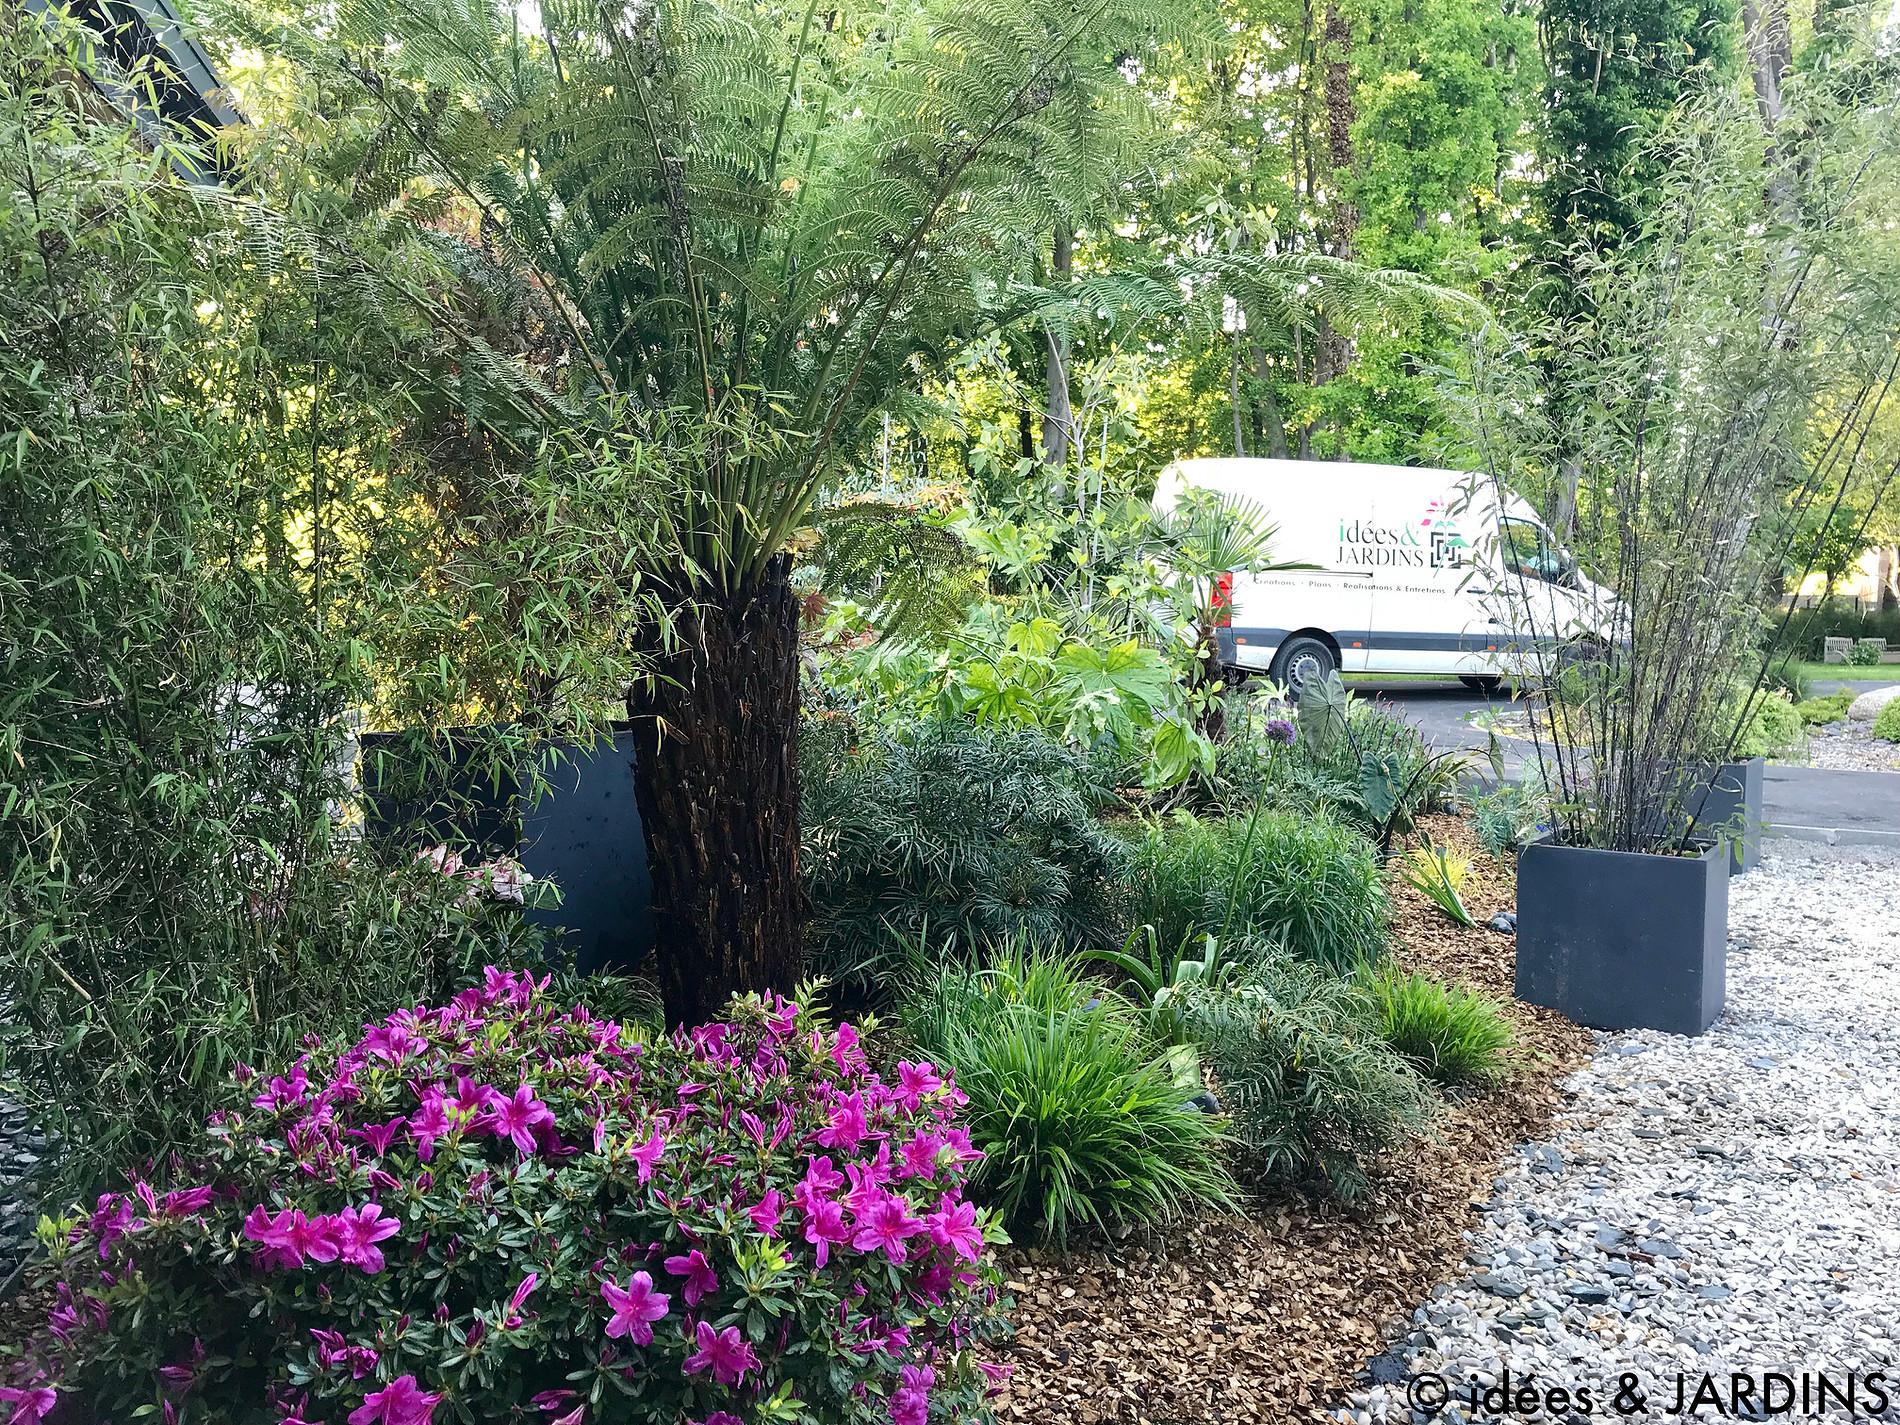 idées_et_jardins_paysagiste_gouvieux_c